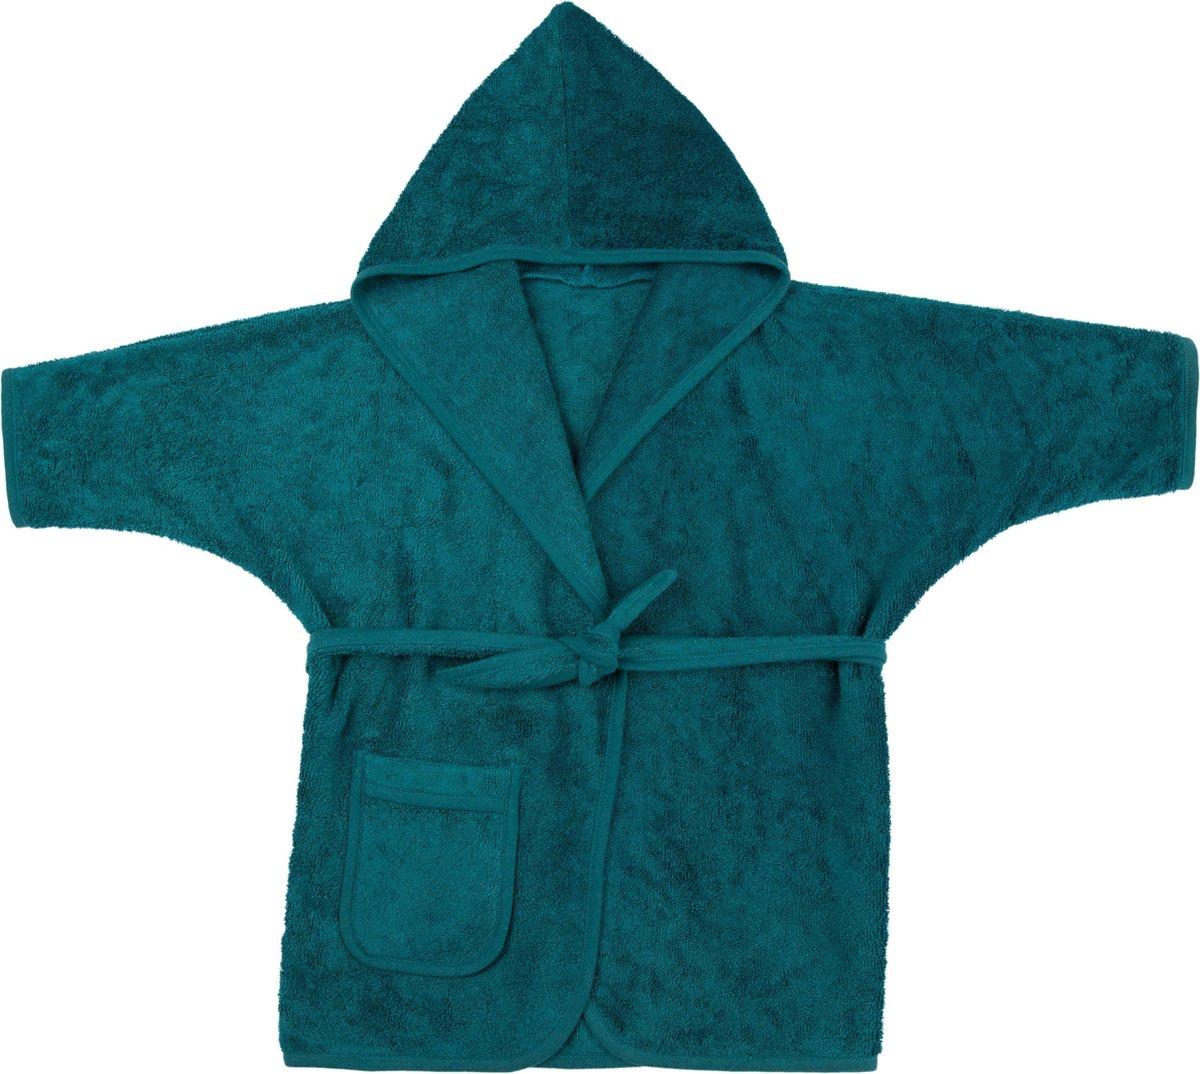 Timboo Badjas kind Deep Lake 4/6 jaar - Bamboe - Extra zacht - Kinderbadjas - Blauw